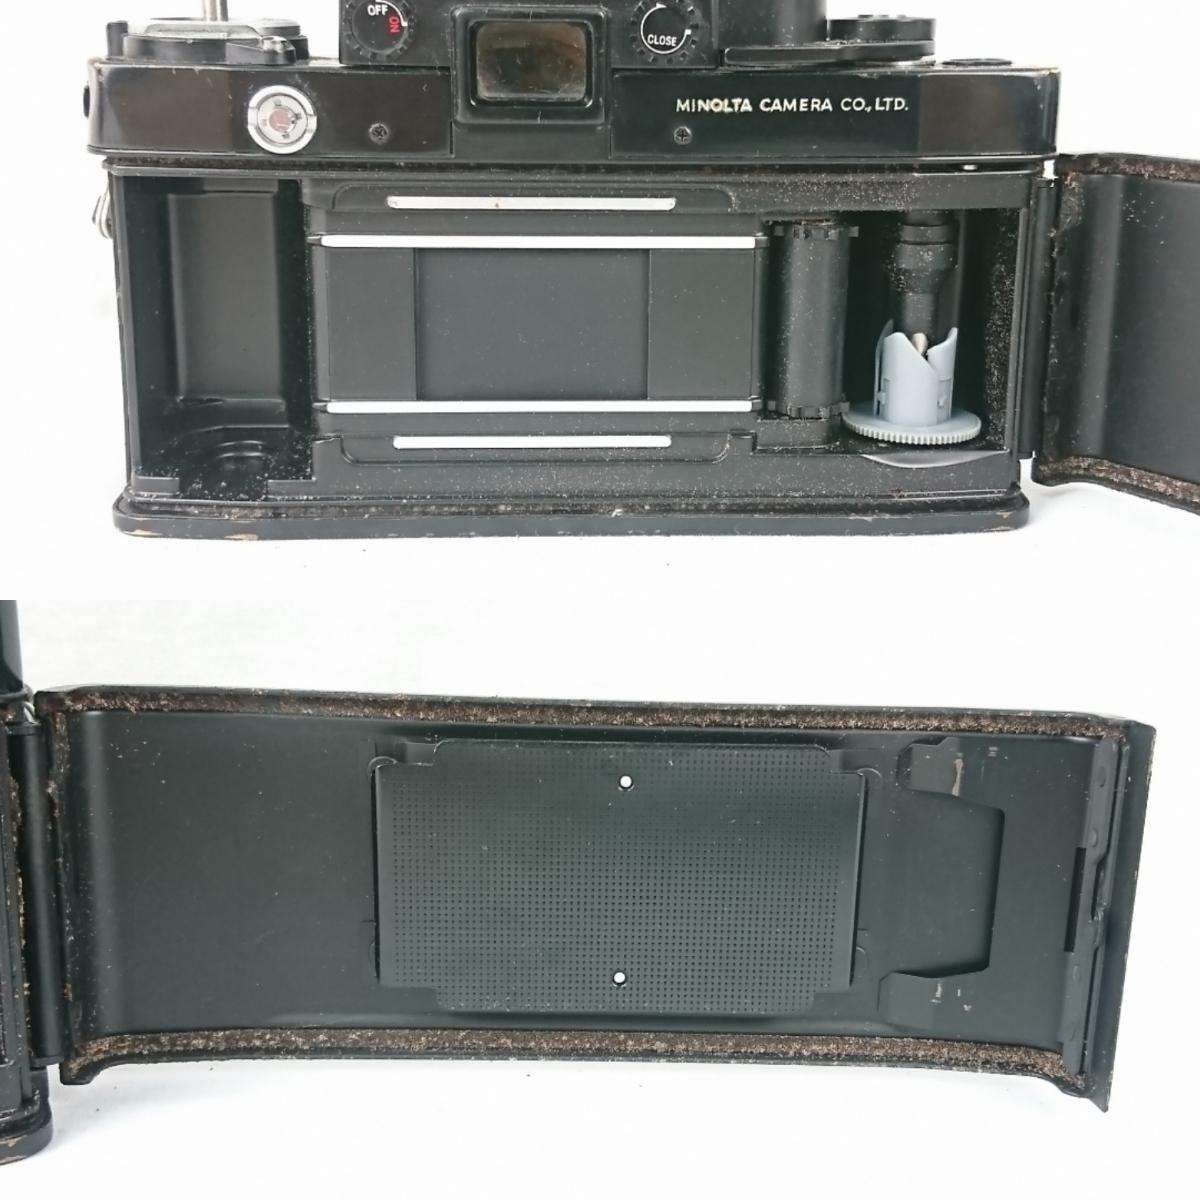 【GK-542】 名機! MINOLTA ミノルタ X-1 一眼レフ フィルムカメラ MC TELE ROKKOR-PF 1:2.8 f=135mm/ MC FISH-EYE ROKKOR-OK 1:2.8 f=16mm _画像6